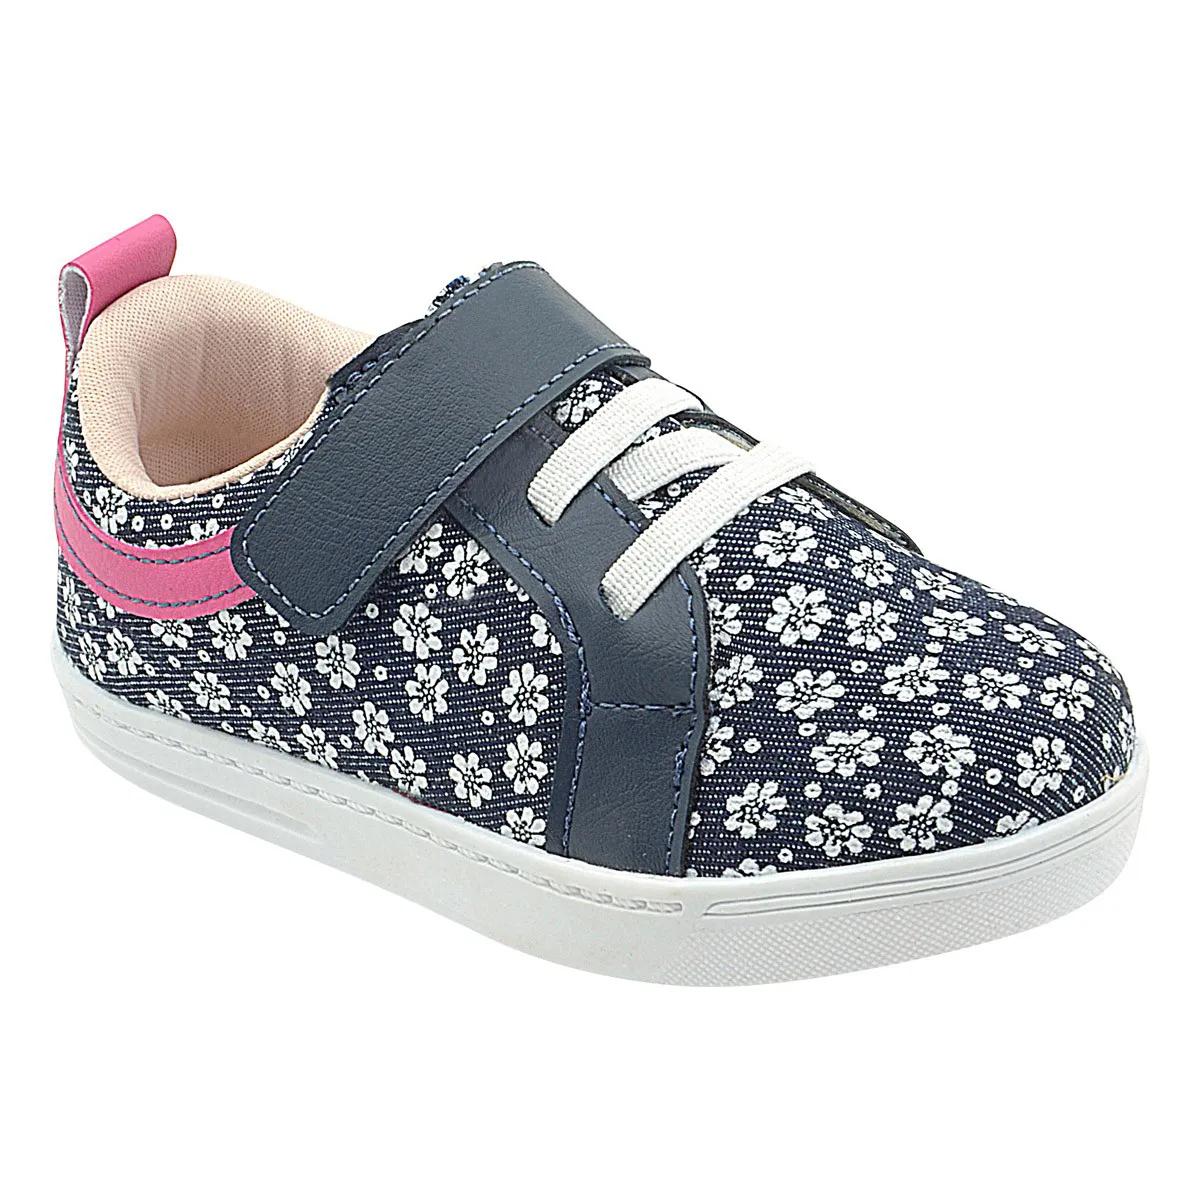 Tênis Infantil Jeans com Florzinhas Feminino